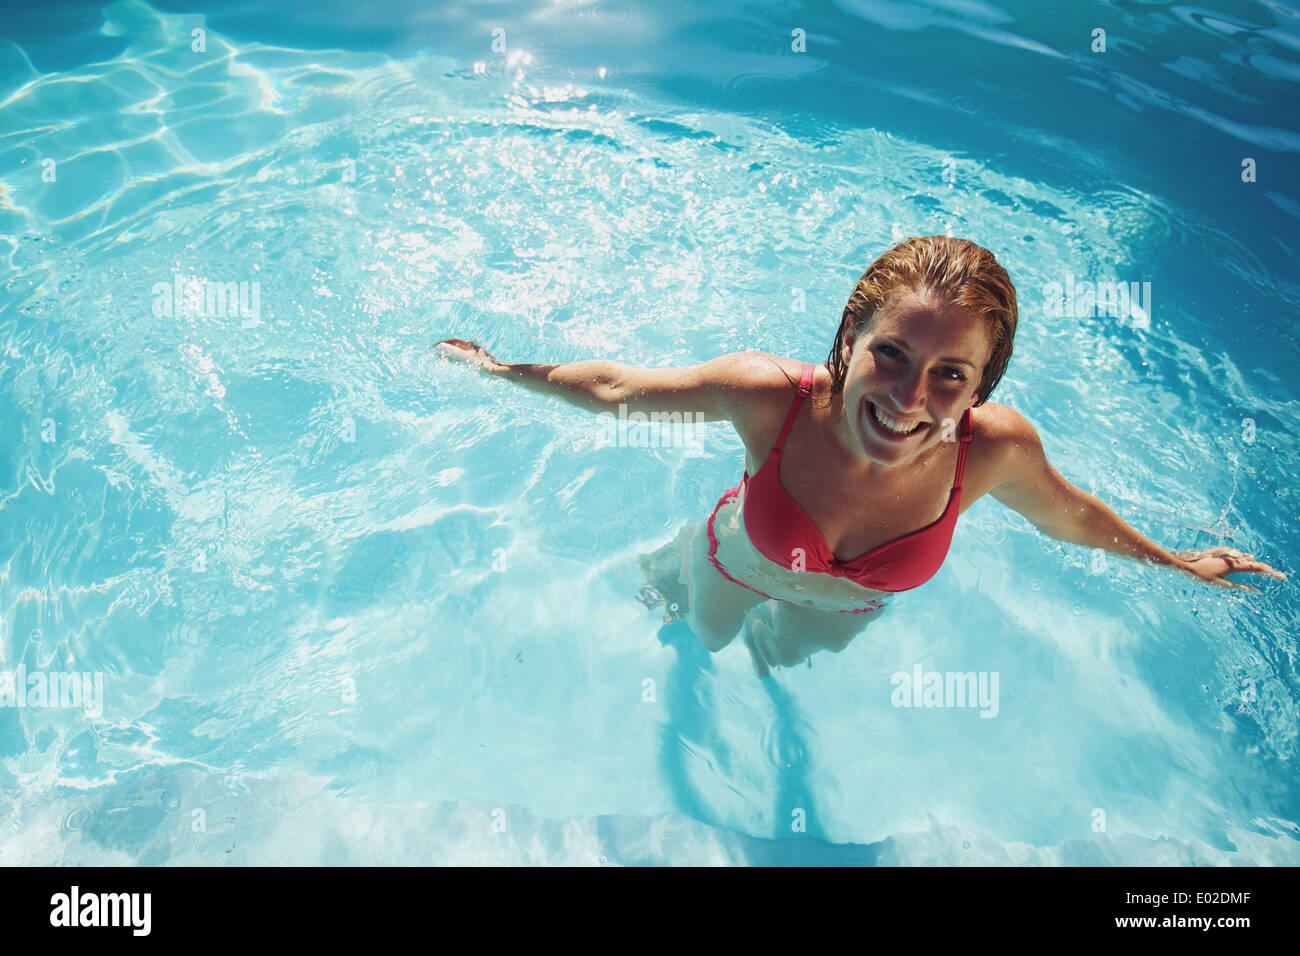 Feliz joven relajándose en la piscina. Sonriente joven mujer vistiendo trajes de baño en la piscina de pie mirando Foto de stock